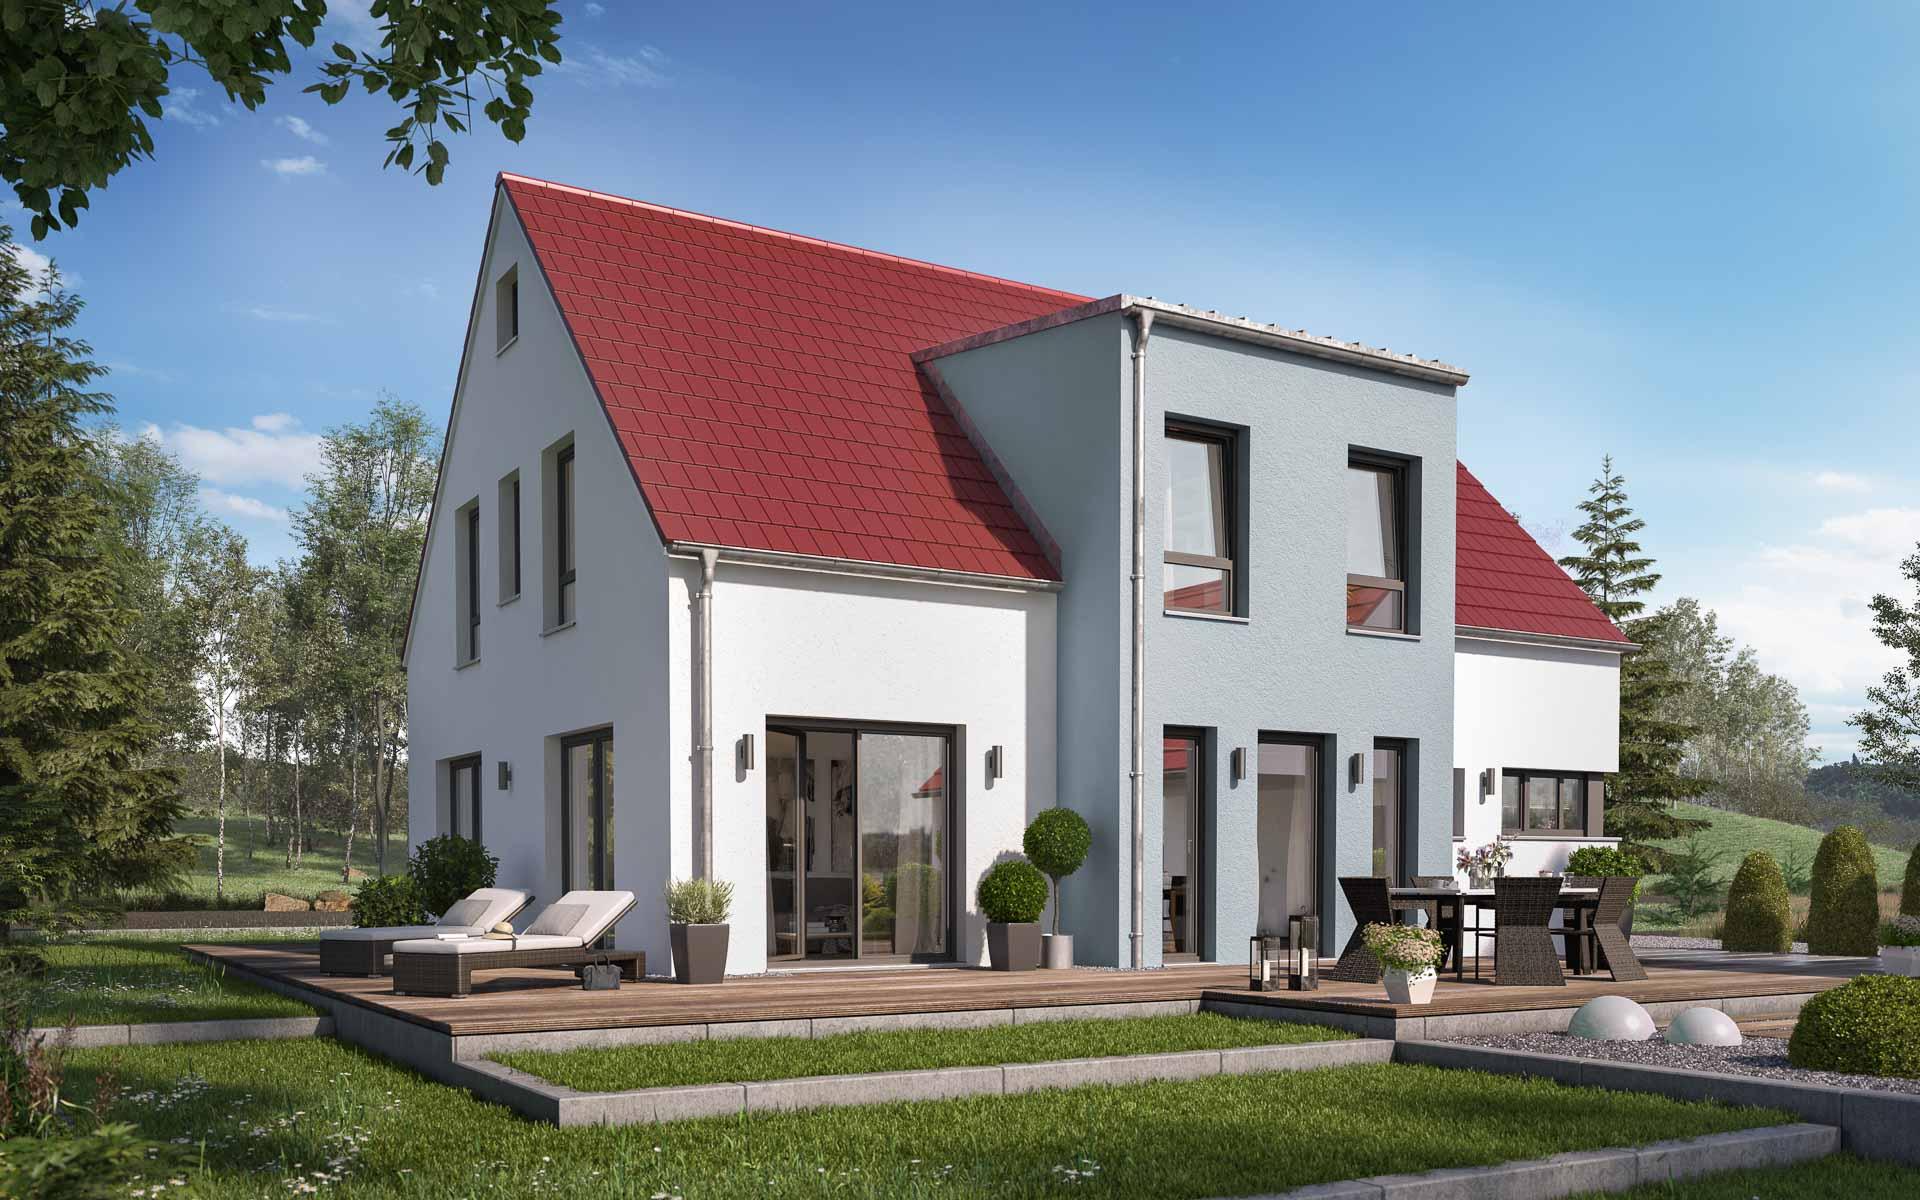 Extrem Klassisches Satteldach-Haus modern interpretiert | mkm traumhäuser PL32